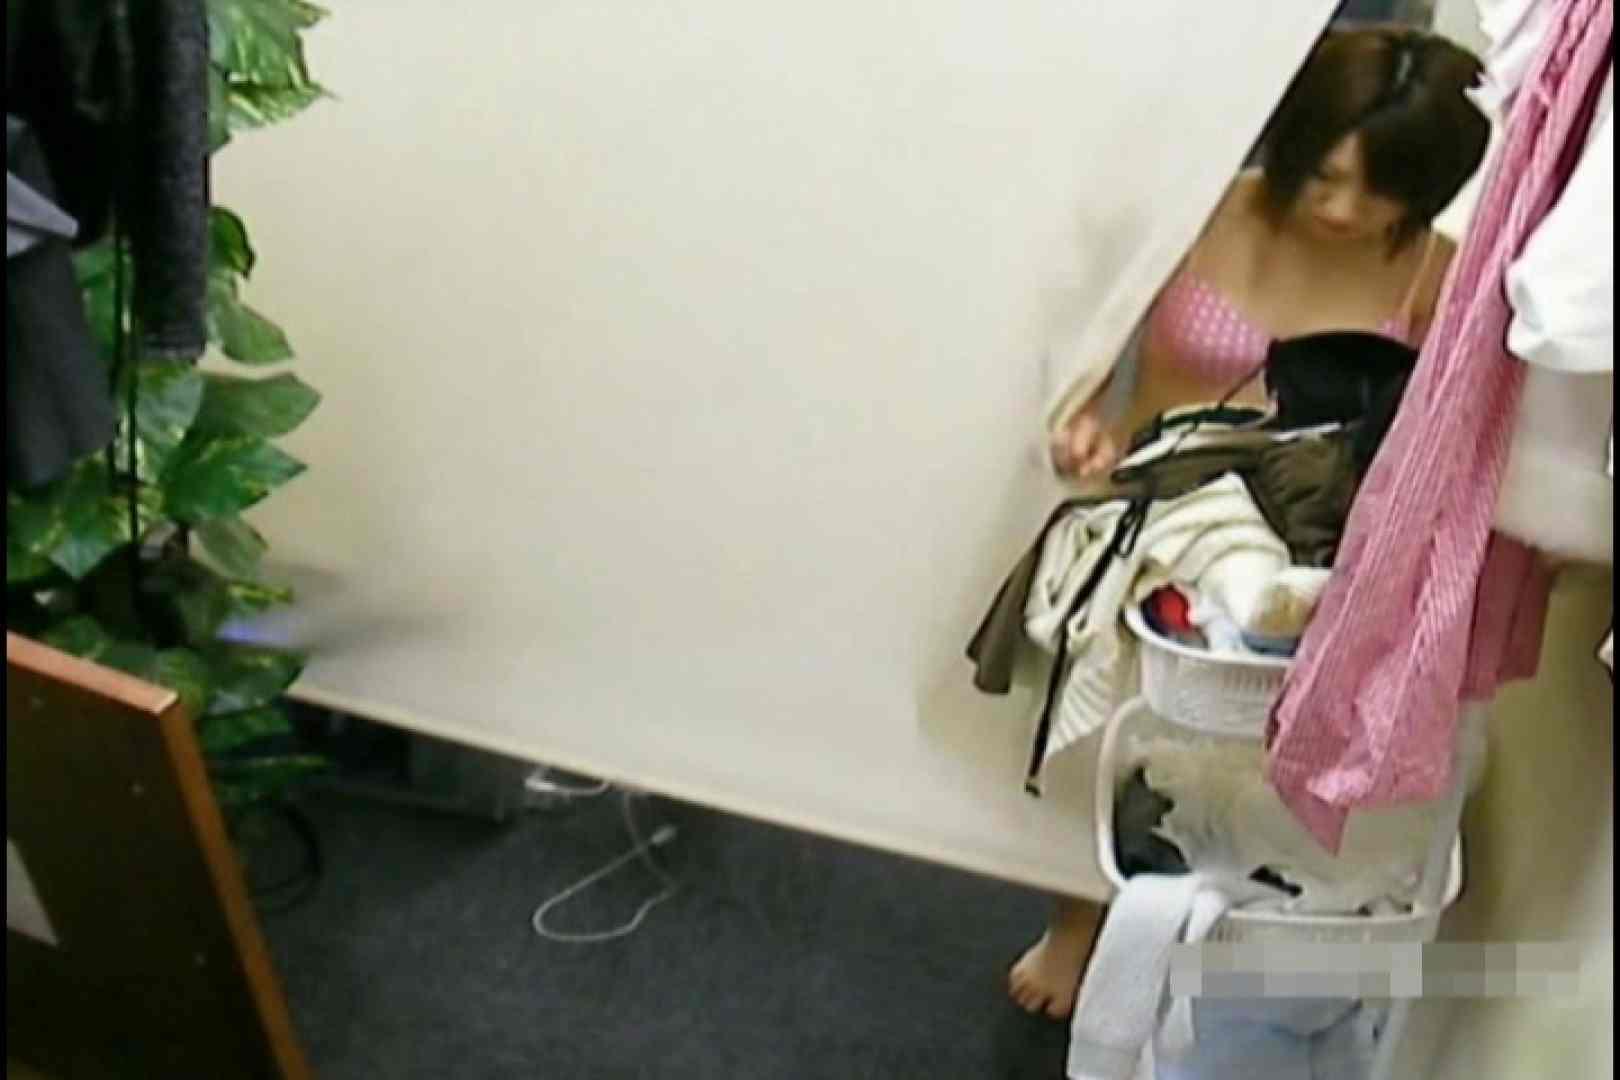 素人撮影 下着だけの撮影のはずが・・・れみ18歳 盗撮  60PIX 56